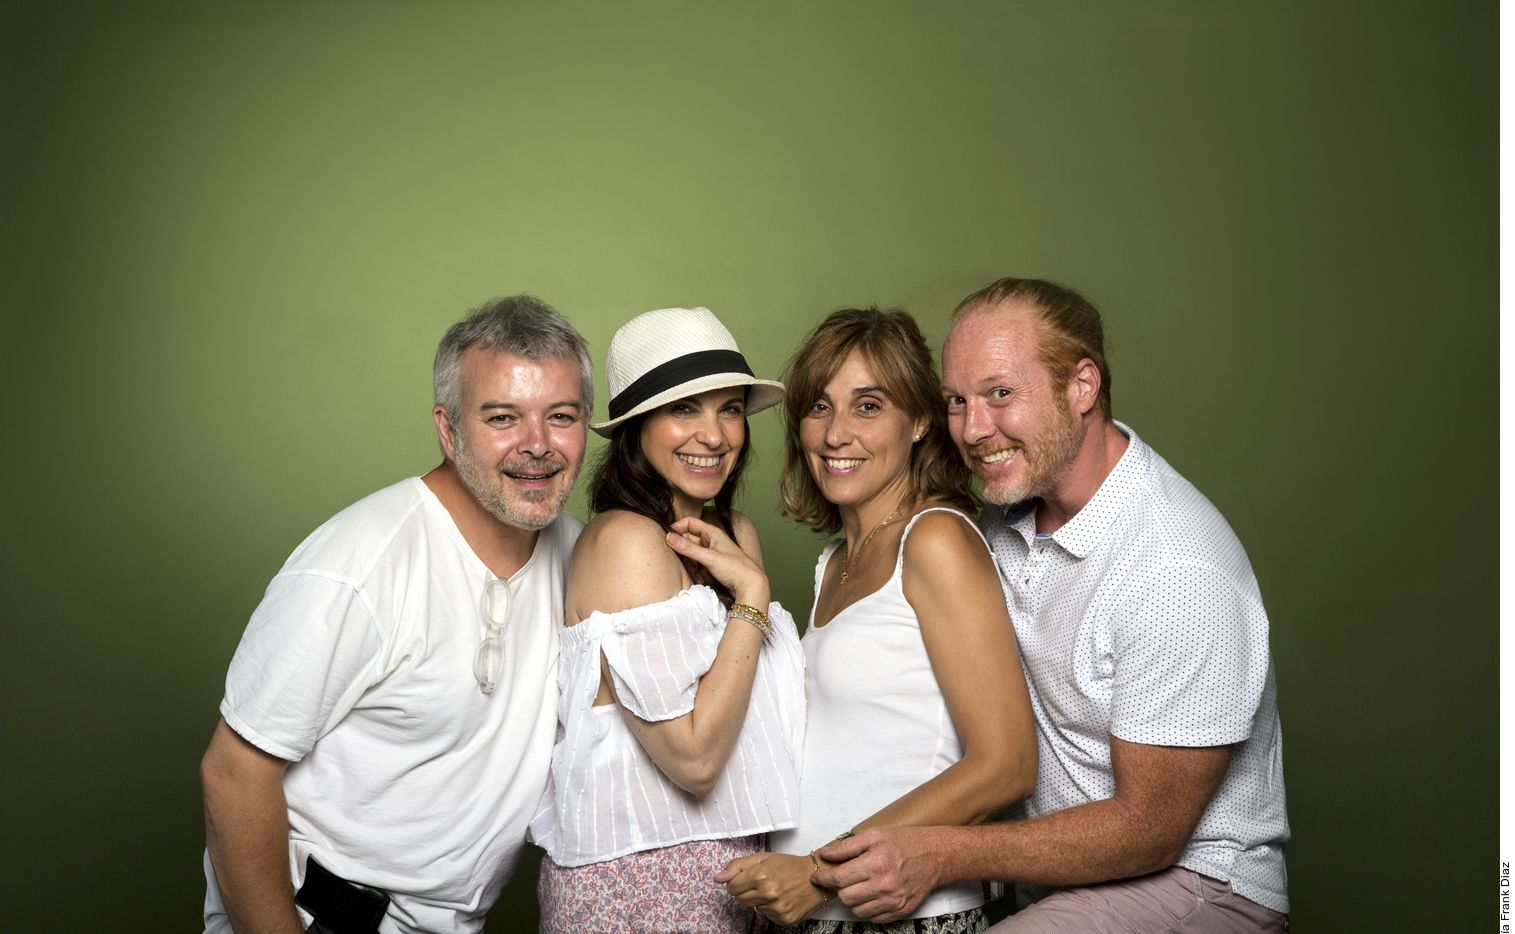 """Tino, Yolanda, Gemma y Frank (en ese orden) estarán en la """"GiraTour Pop Rock"""" al lado de otras figuras de los 80; actuarán el 27 de septiembre en el Citibanamex."""